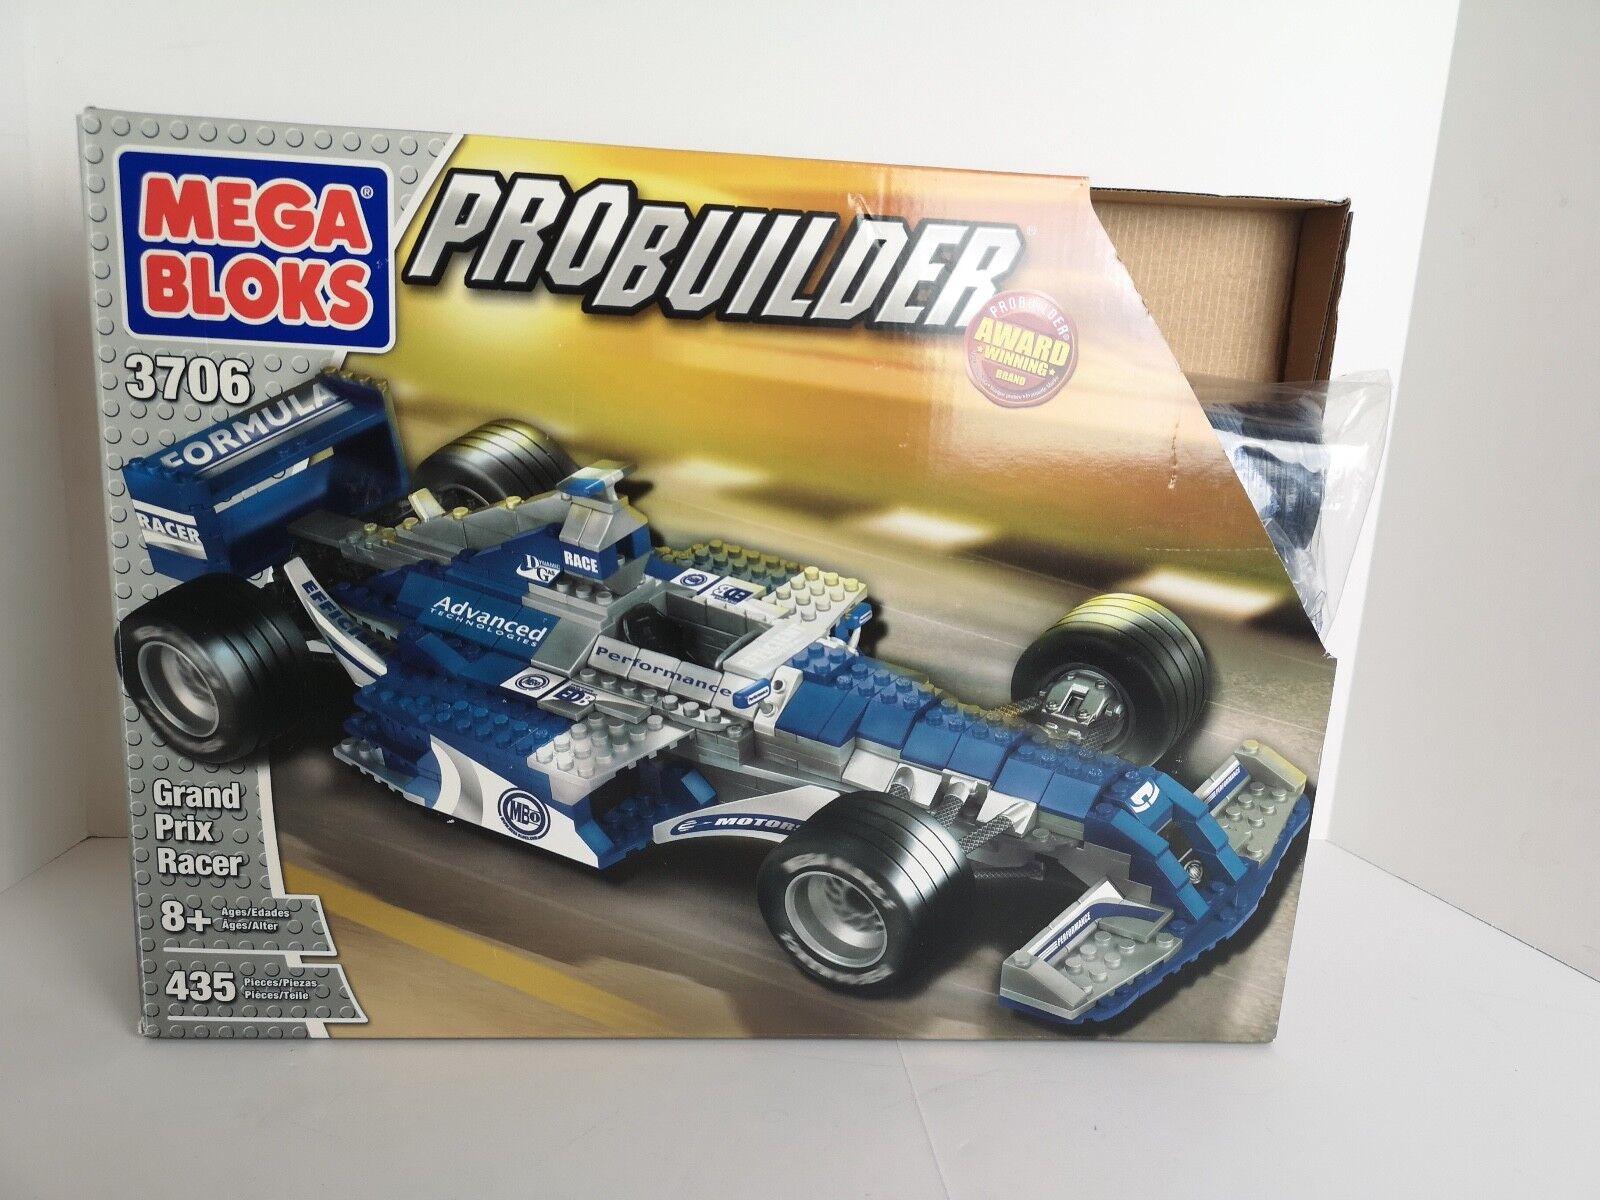 Neue grand prix f1 rennfahrer mega - bloks pro builder 3706 mit 435 stücke großer kit